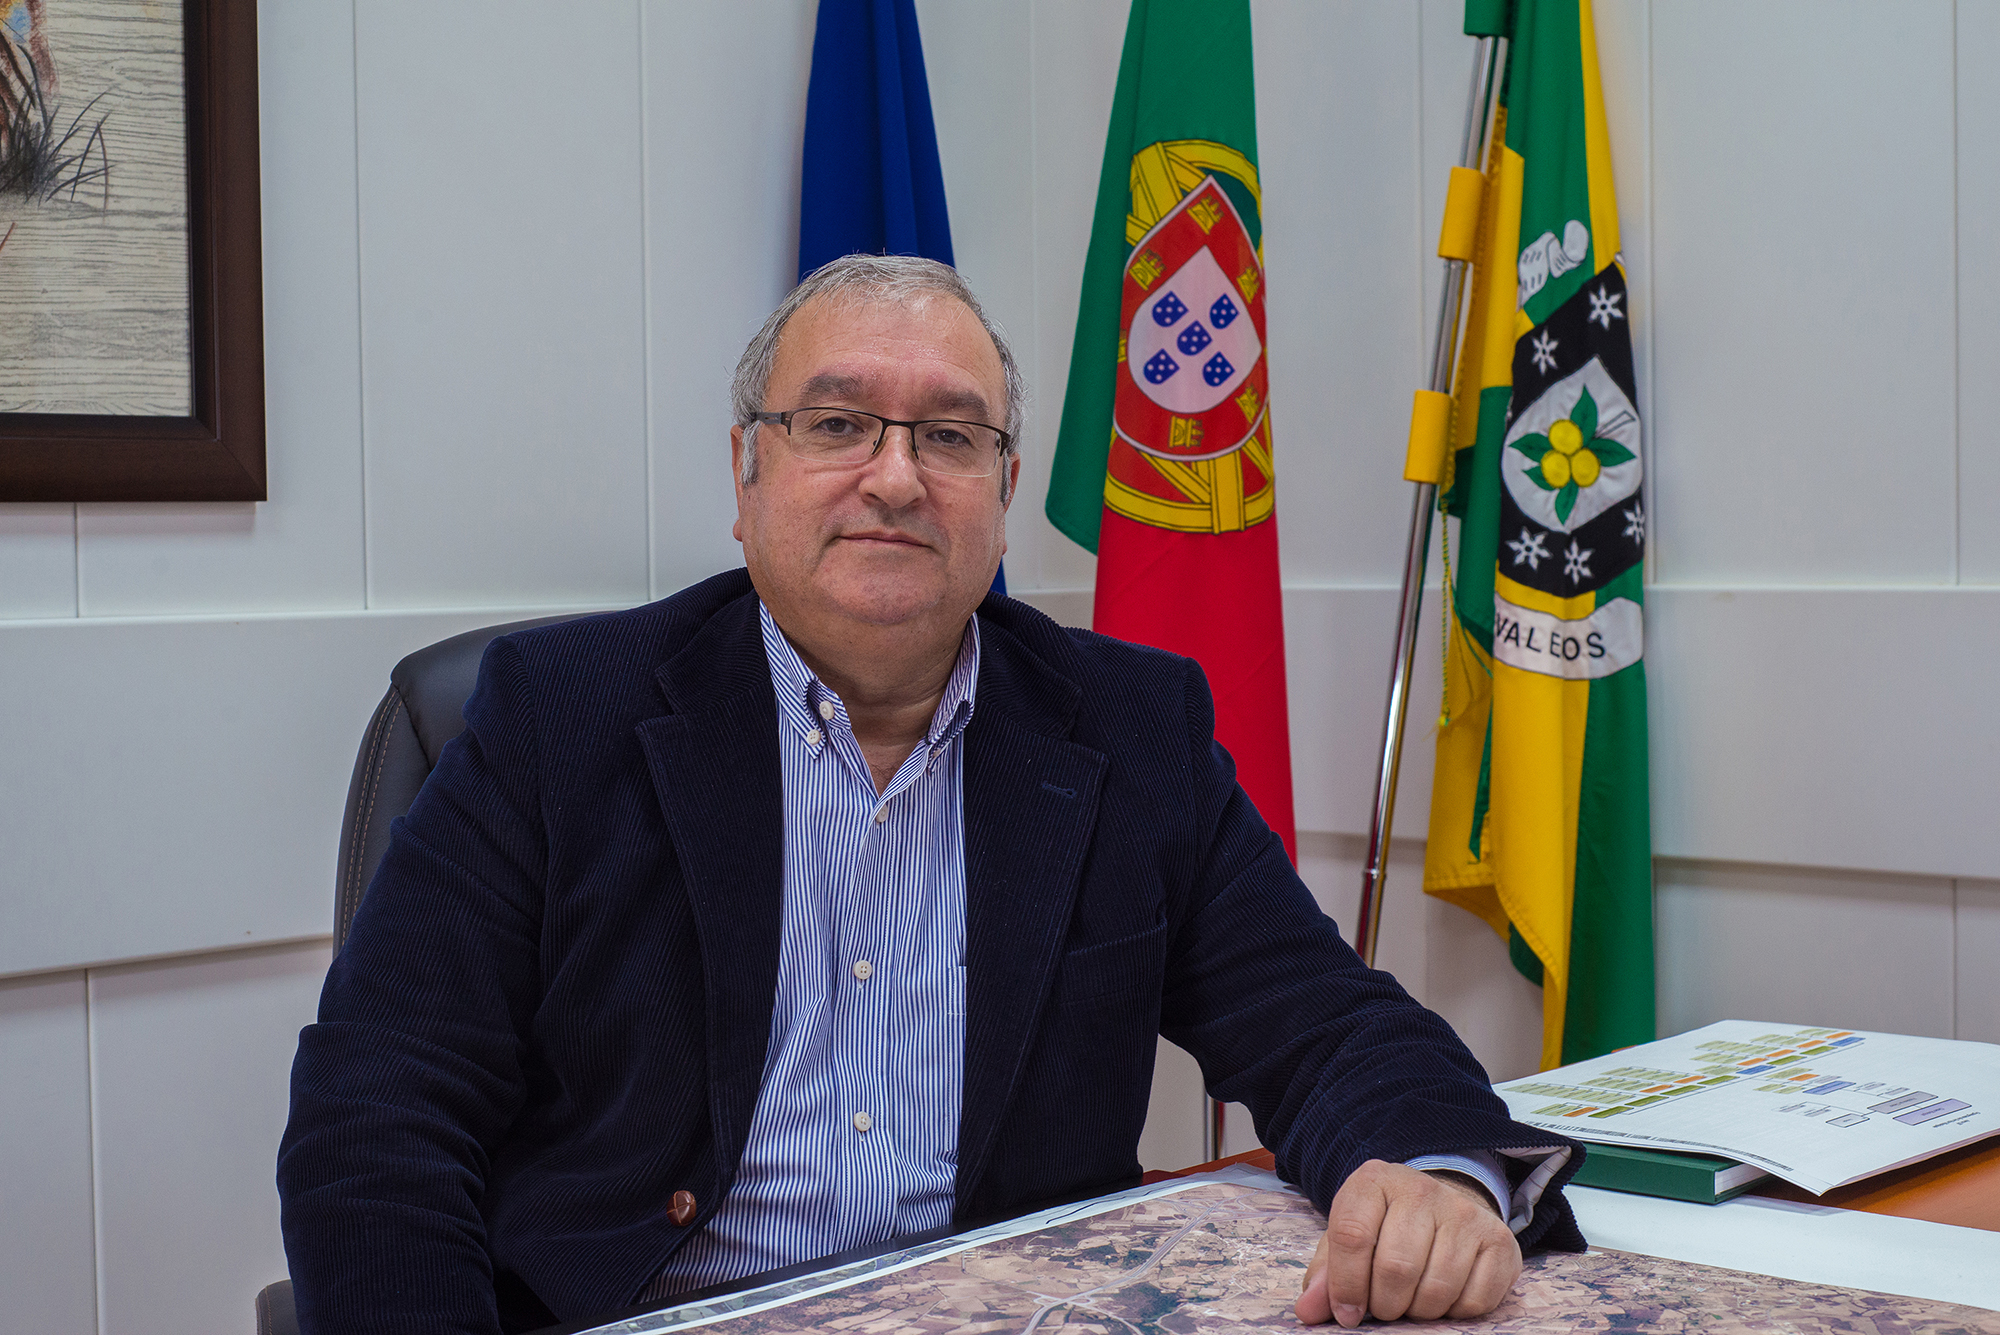 Benjamim Rodrigues quer implementar políticas de sustentabilidade alimentar na região